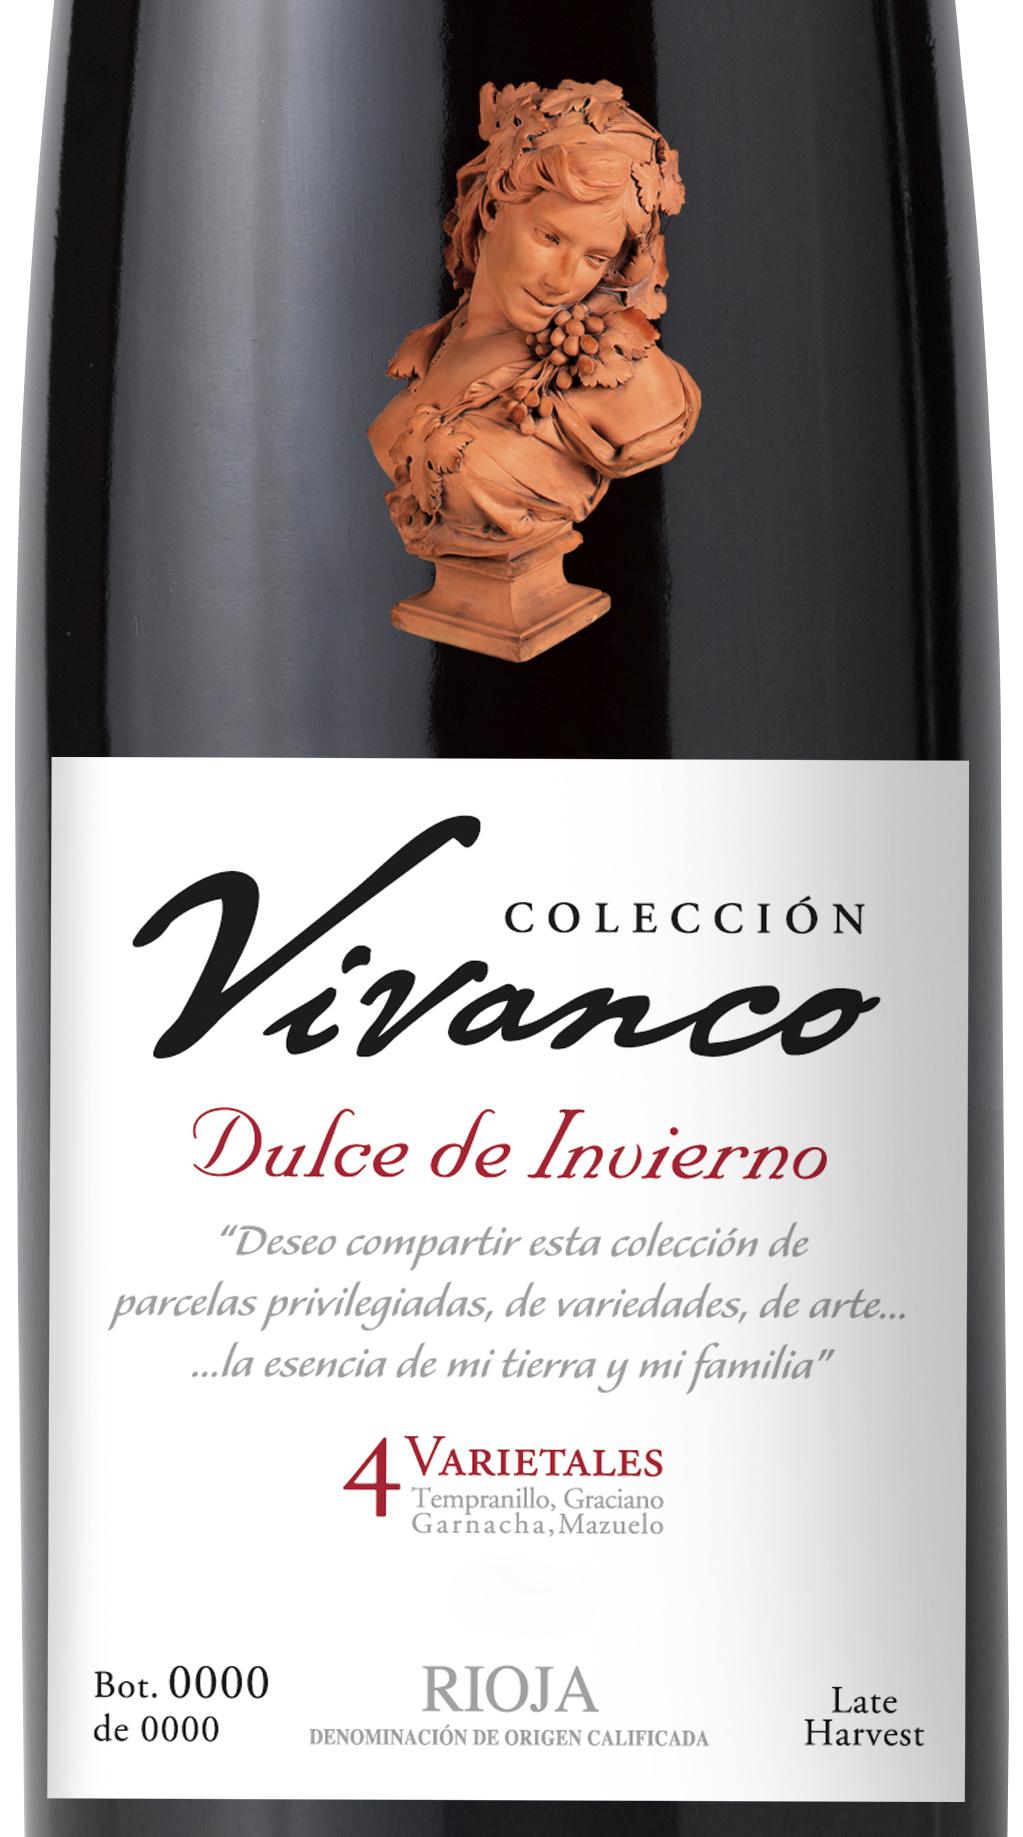 Colección Vivanco 4 Varietales Dulce De Invierno